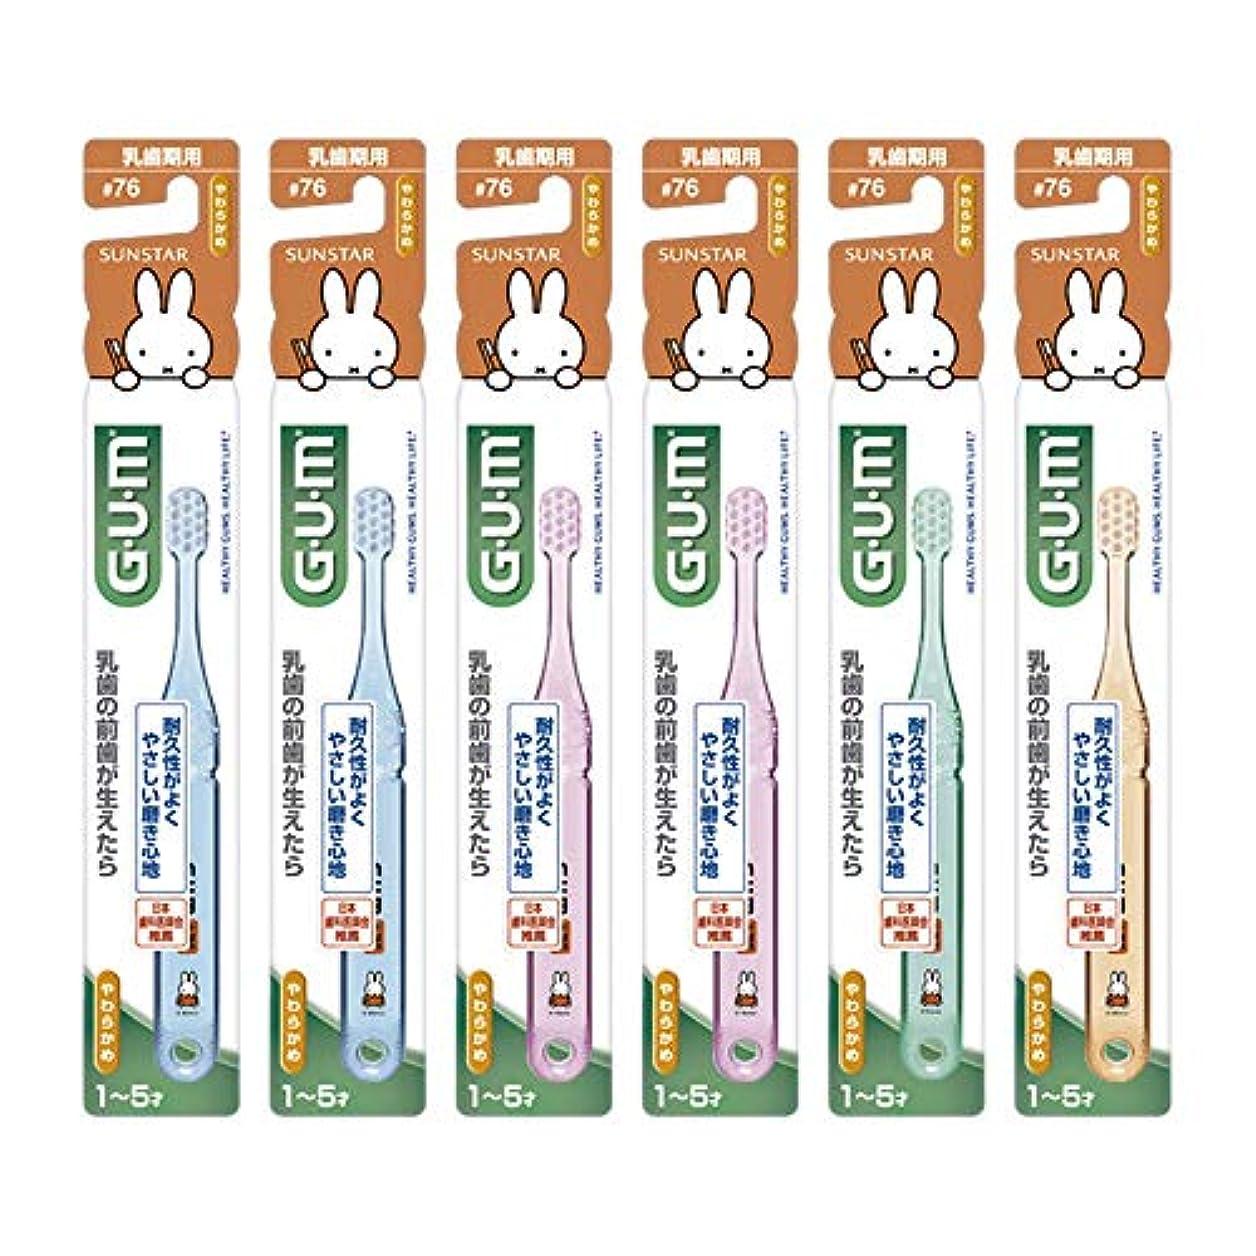 法的ペックアクセスできないGUM(ガム) デンタル こども 歯ブラシ #76 [乳歯期用/やわらかめ] 6本パック+ おまけつき【Amazon.co.jp限定】